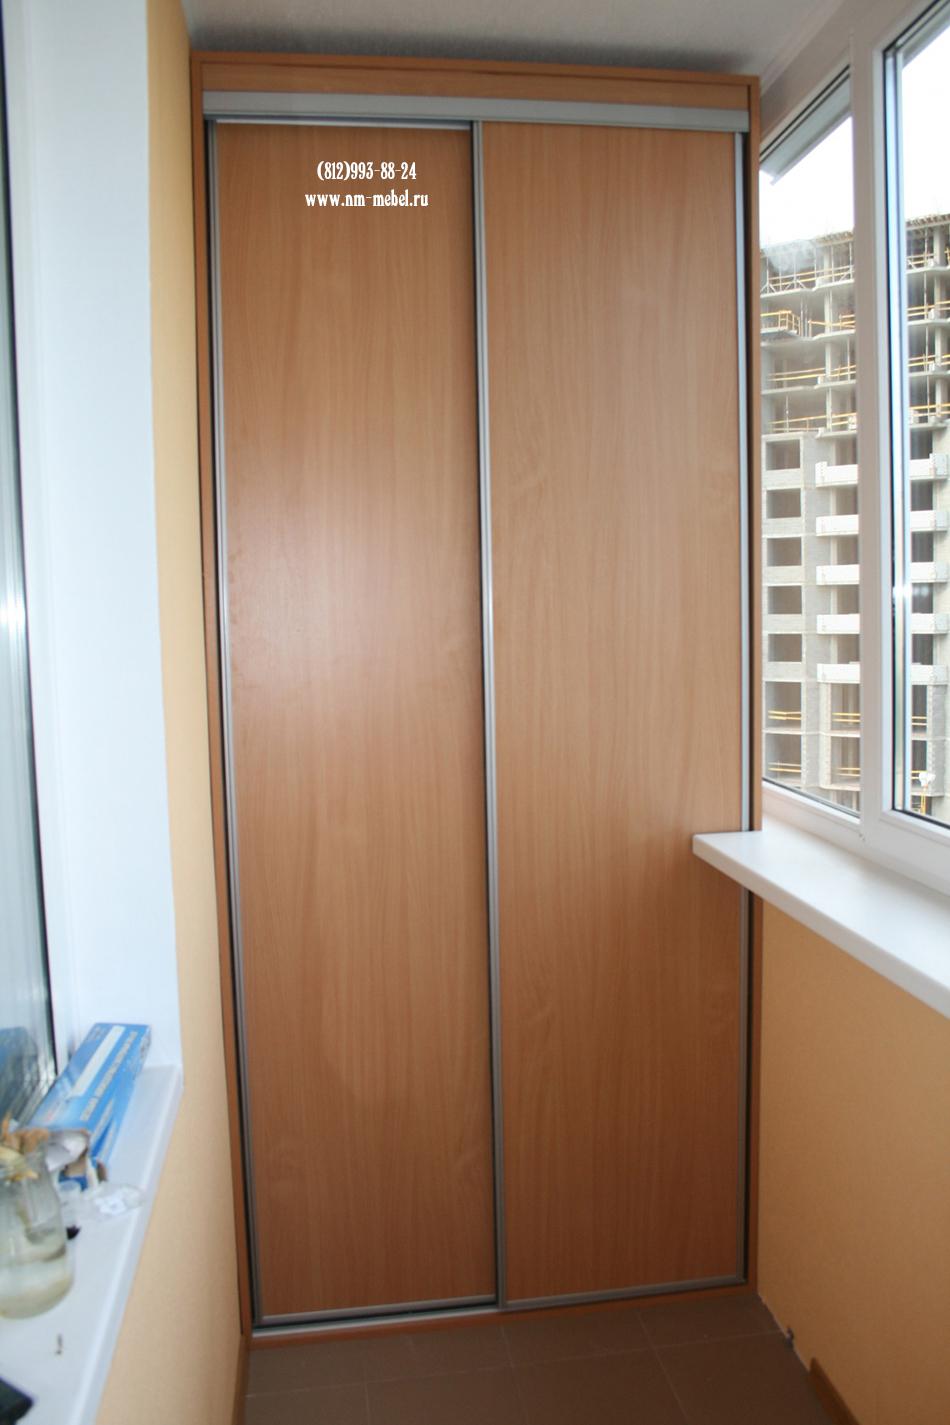 шкафы на лоджию и балкон шкаф купе на балкон балконный шкаф